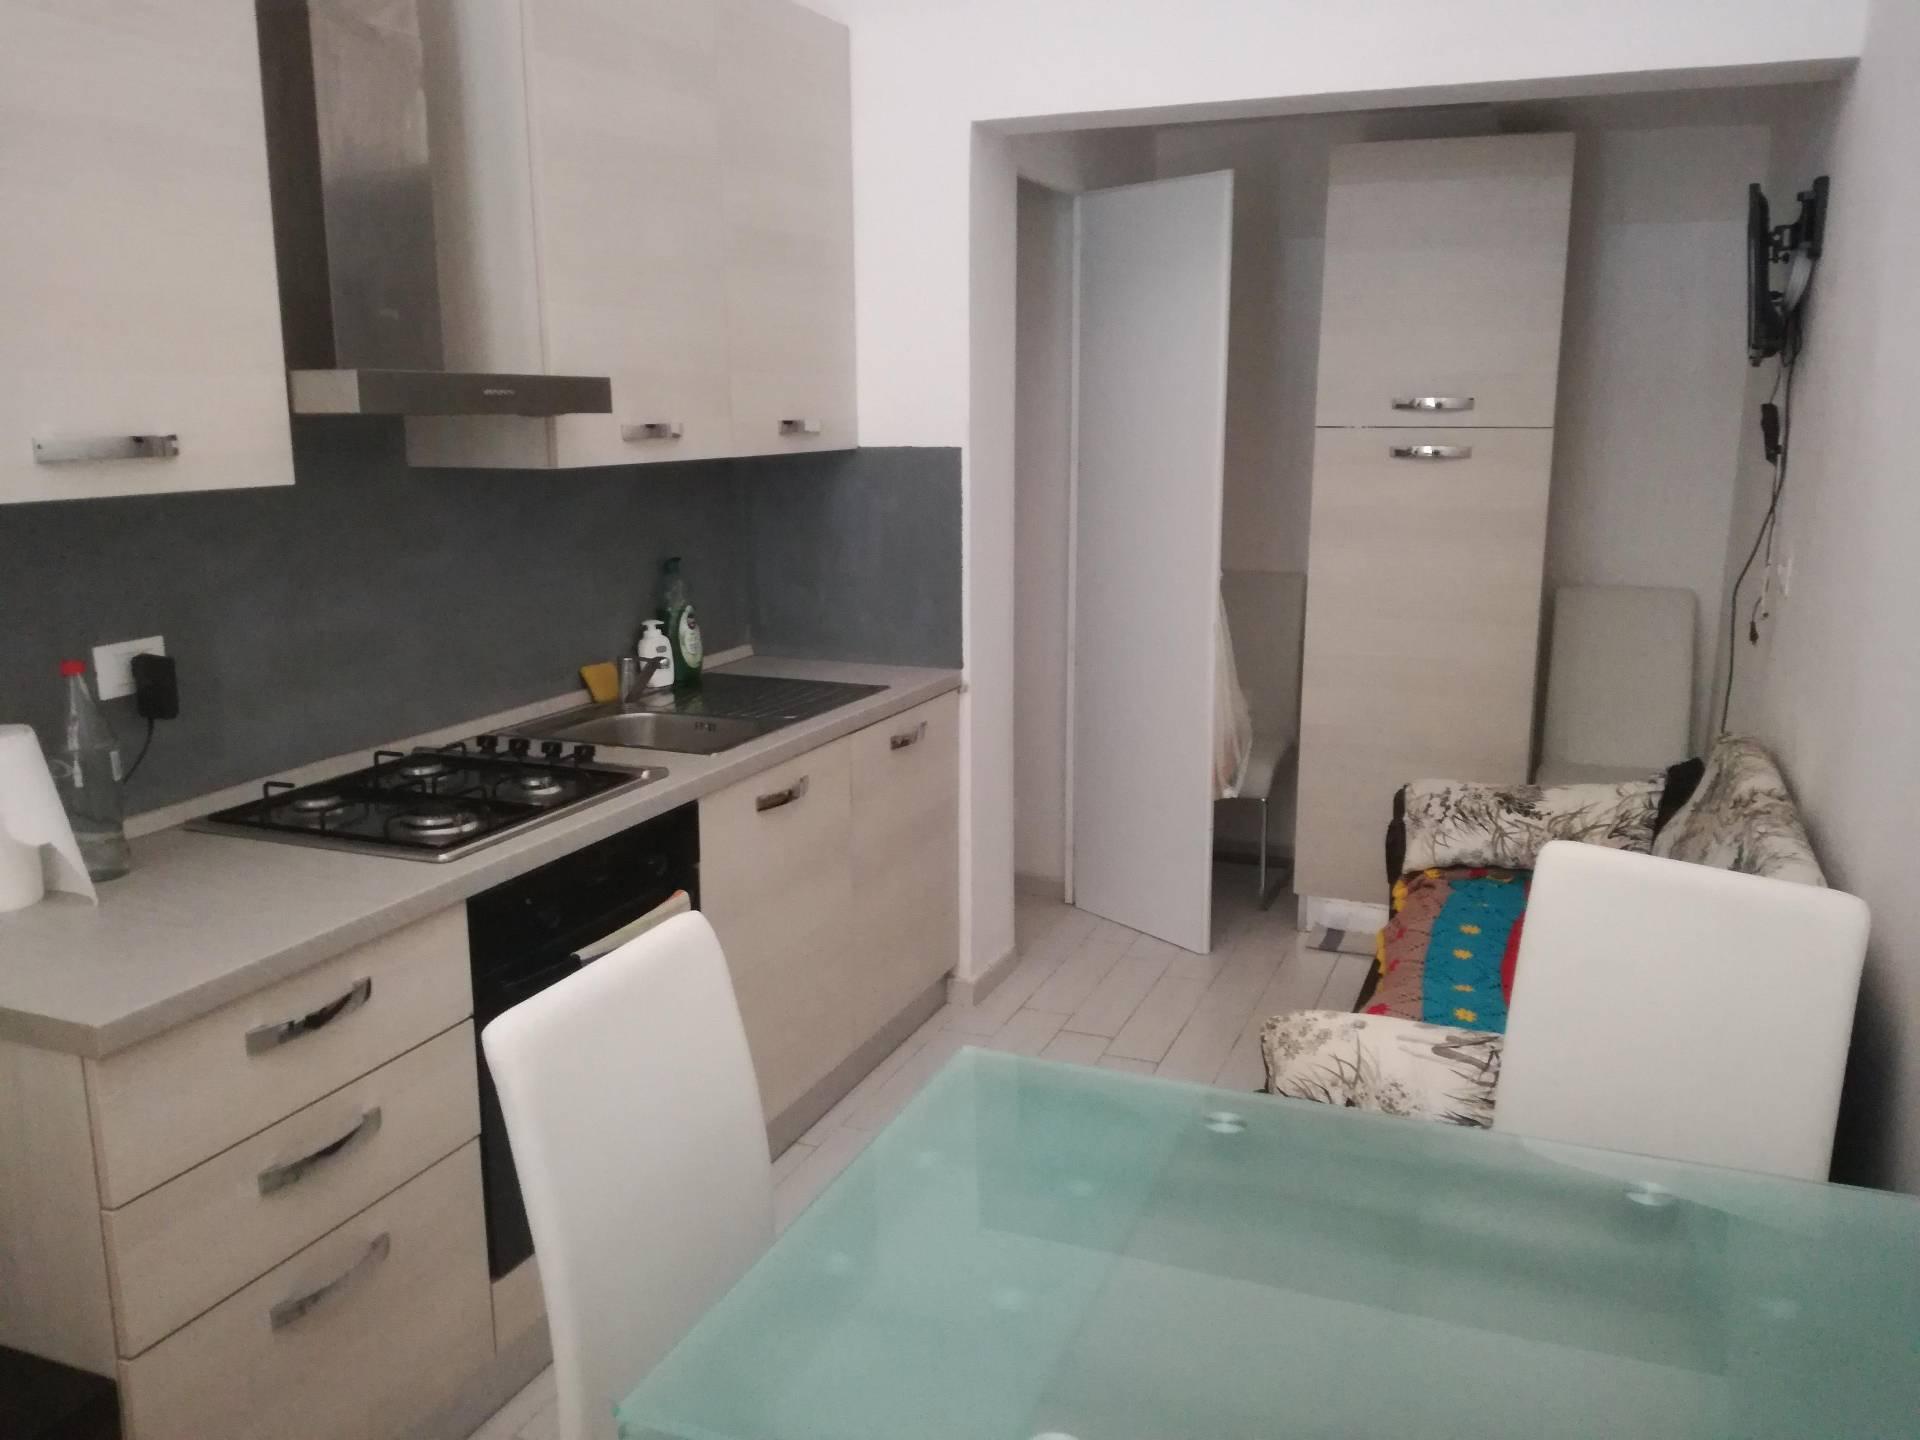 Appartamento in affitto a Ozzano Monferrato, 2 locali, prezzo € 280 | PortaleAgenzieImmobiliari.it